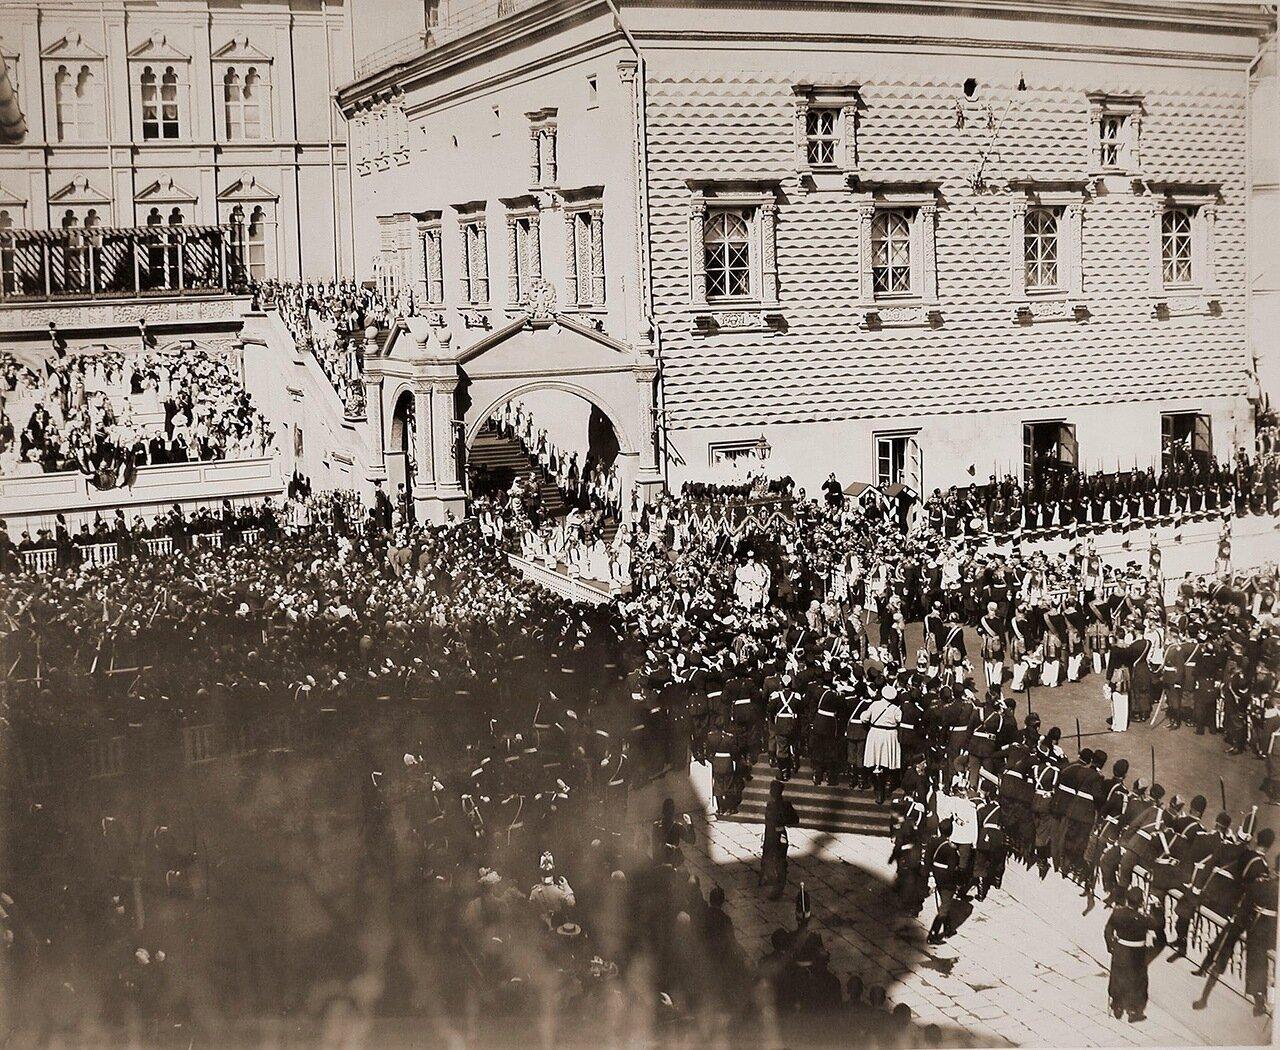 Вдовствующая императрица Мария Федоровна шествует под балдахином в сопровождении свиты от Красного крыльца Грановитой палаты к Успенскому собору в день торжественной коронации;за балдахином императрицы идет принц неаполитанский Виктор-Эммануил